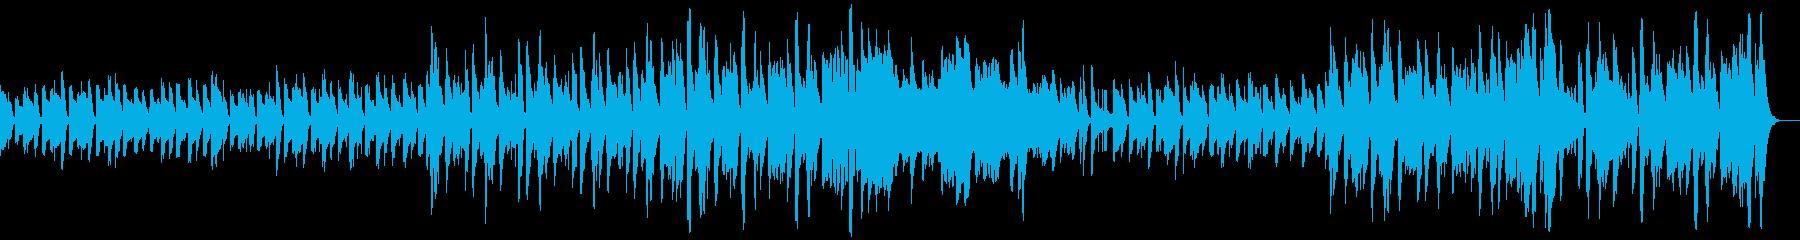 ピアノ、アコースティックベース、ス...の再生済みの波形